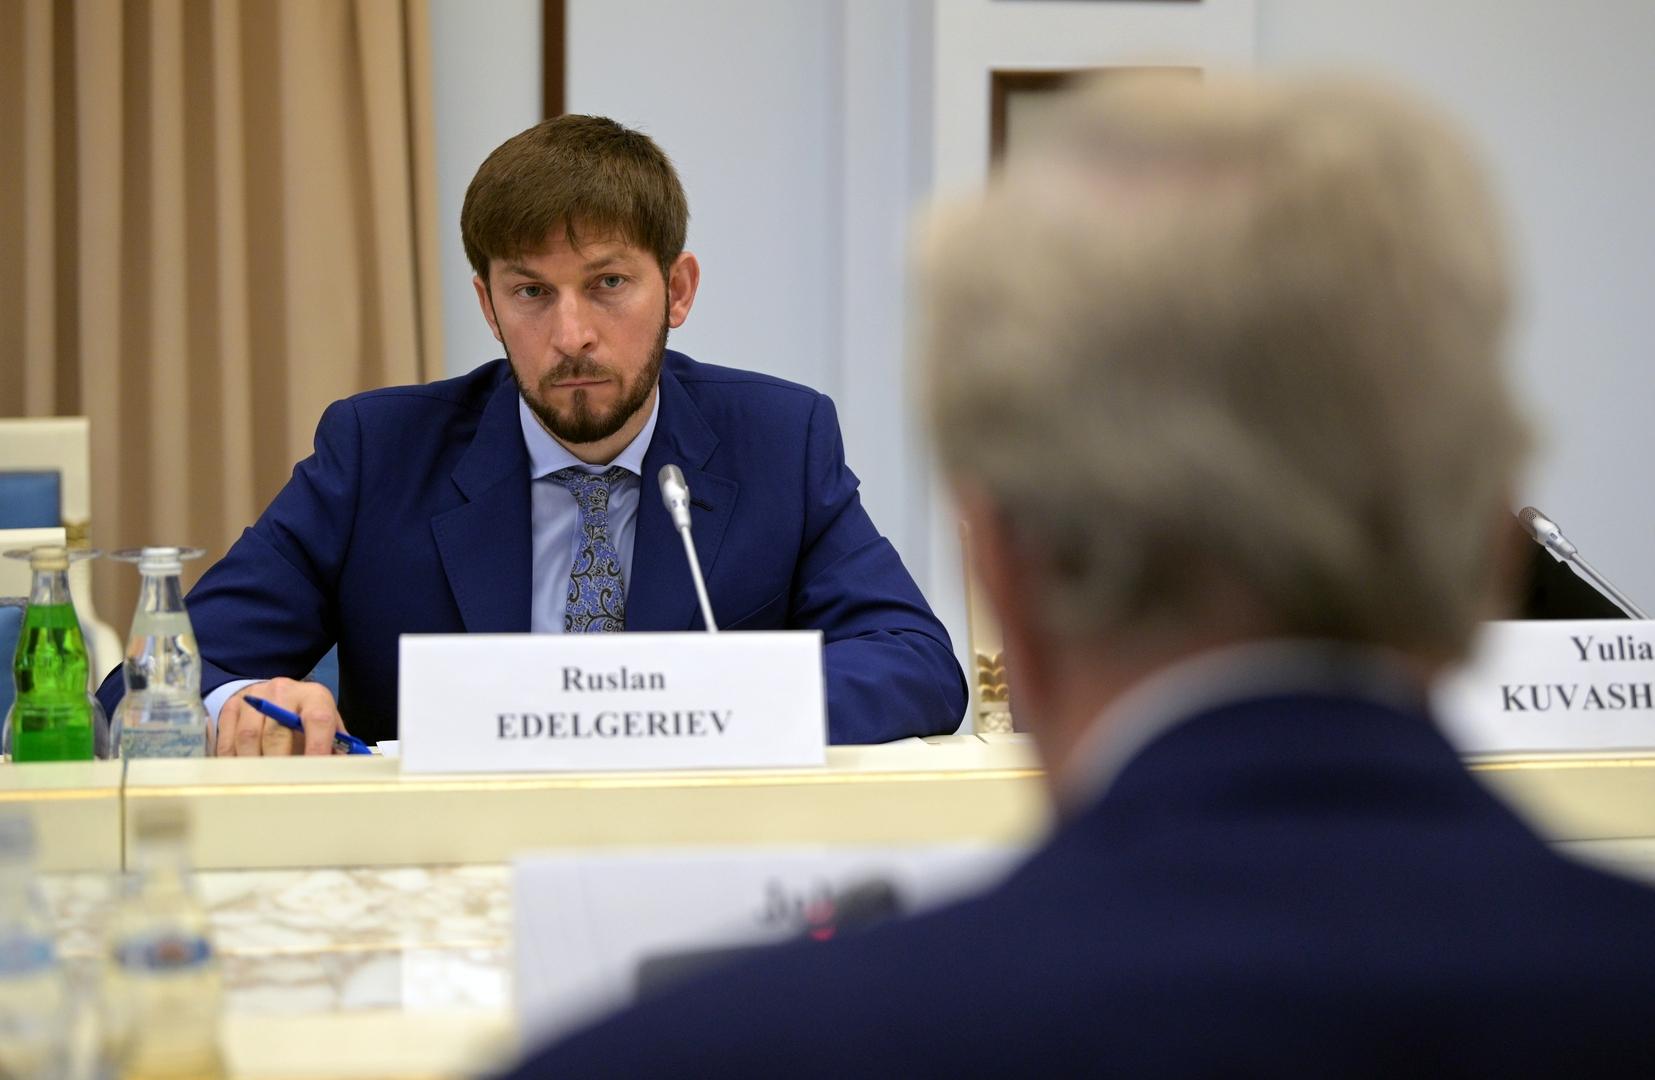 المبعوث الرئاسي الروسي لشؤون المناخ رسلان إيدلغيرييف مع نظيره الأمريكي جون كيري